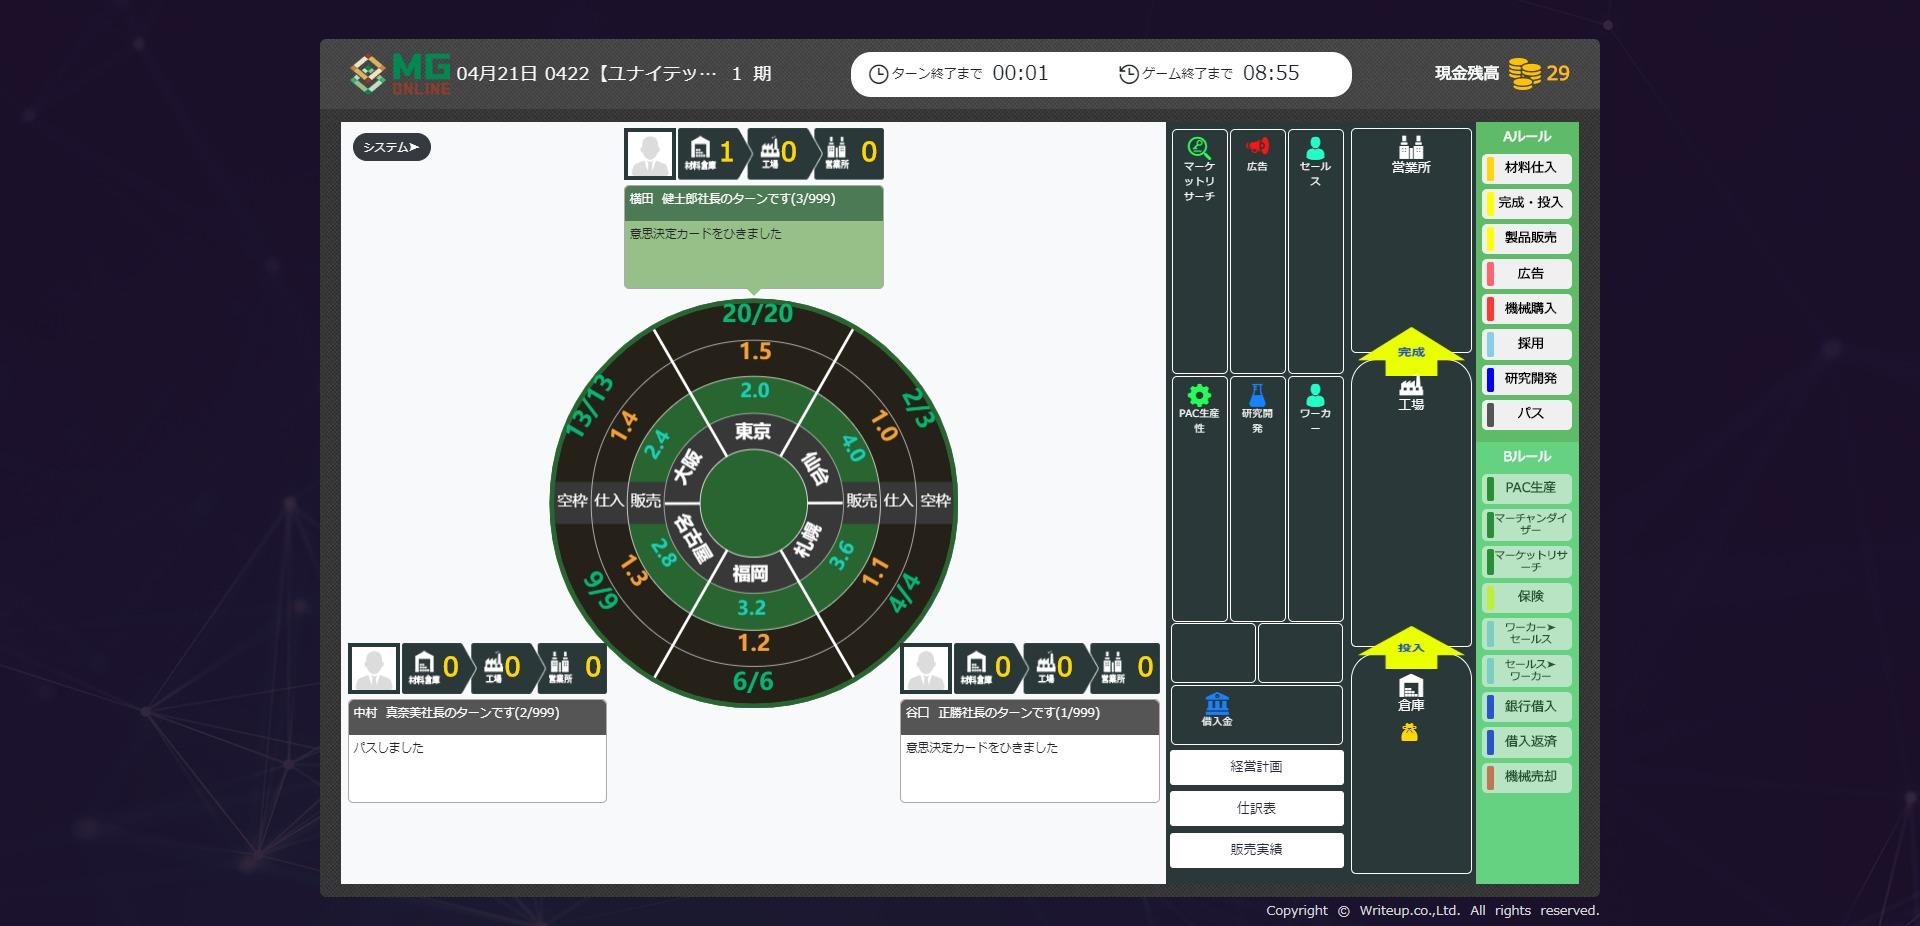 経営シミュレーションゲームのパソコン版